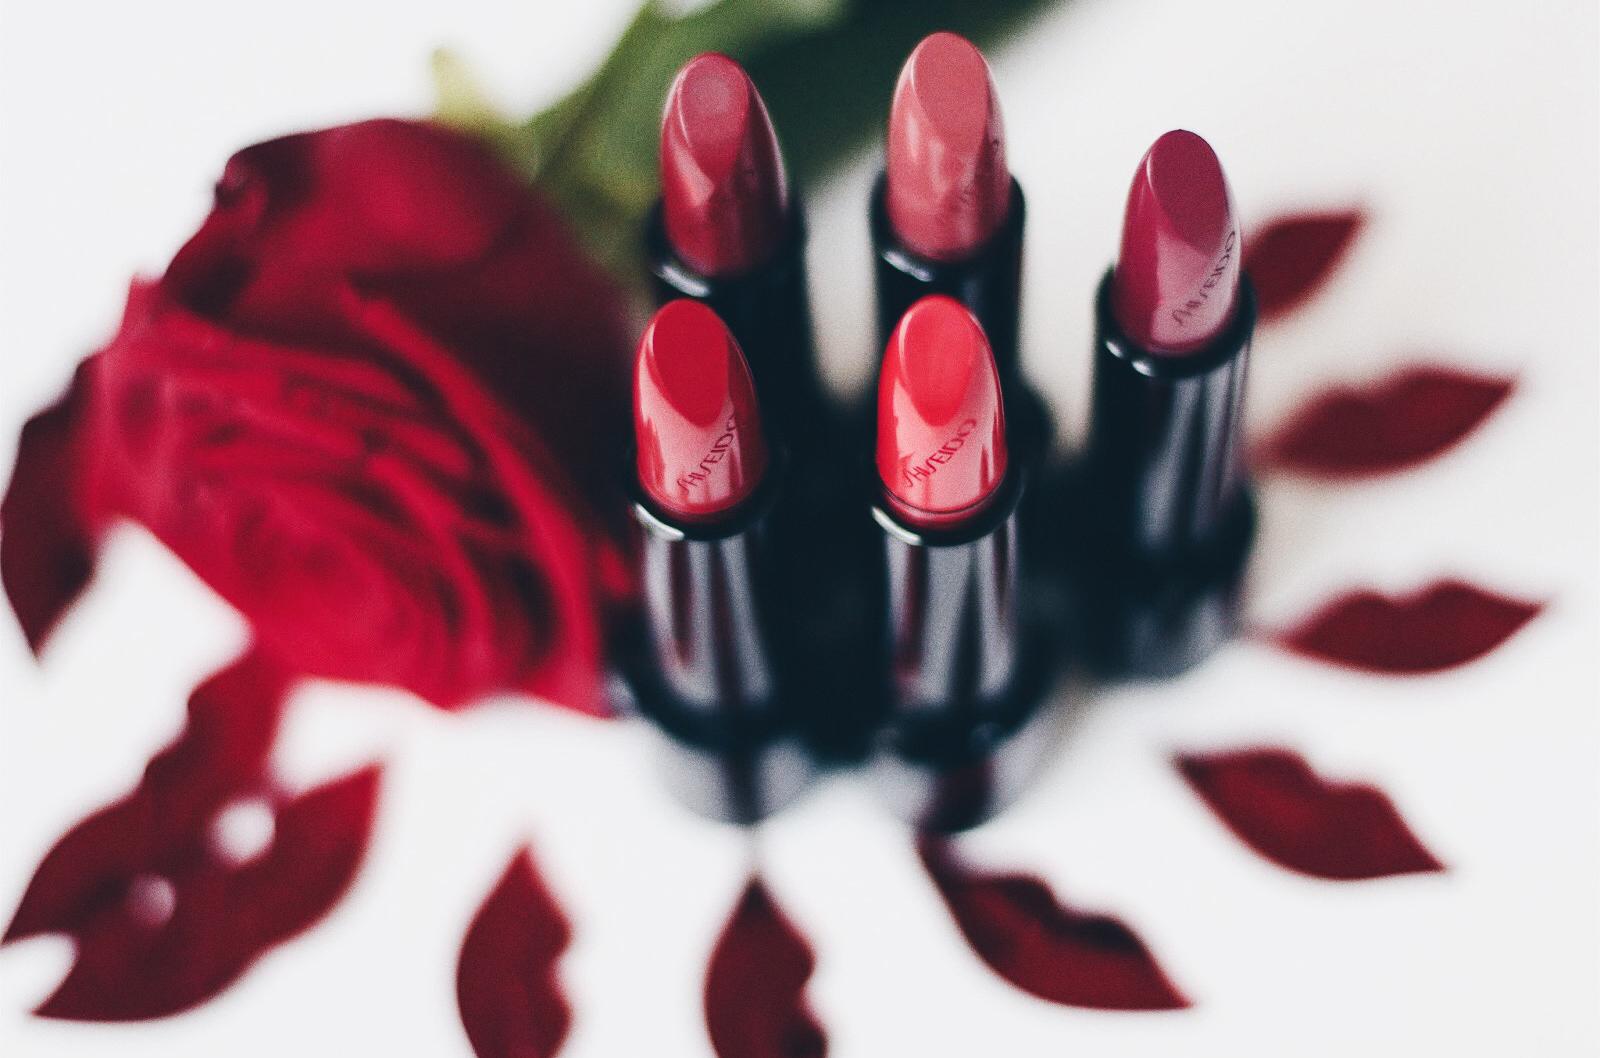 shiseido rouge rouge nouveau rouge à lèvres avis test swatches